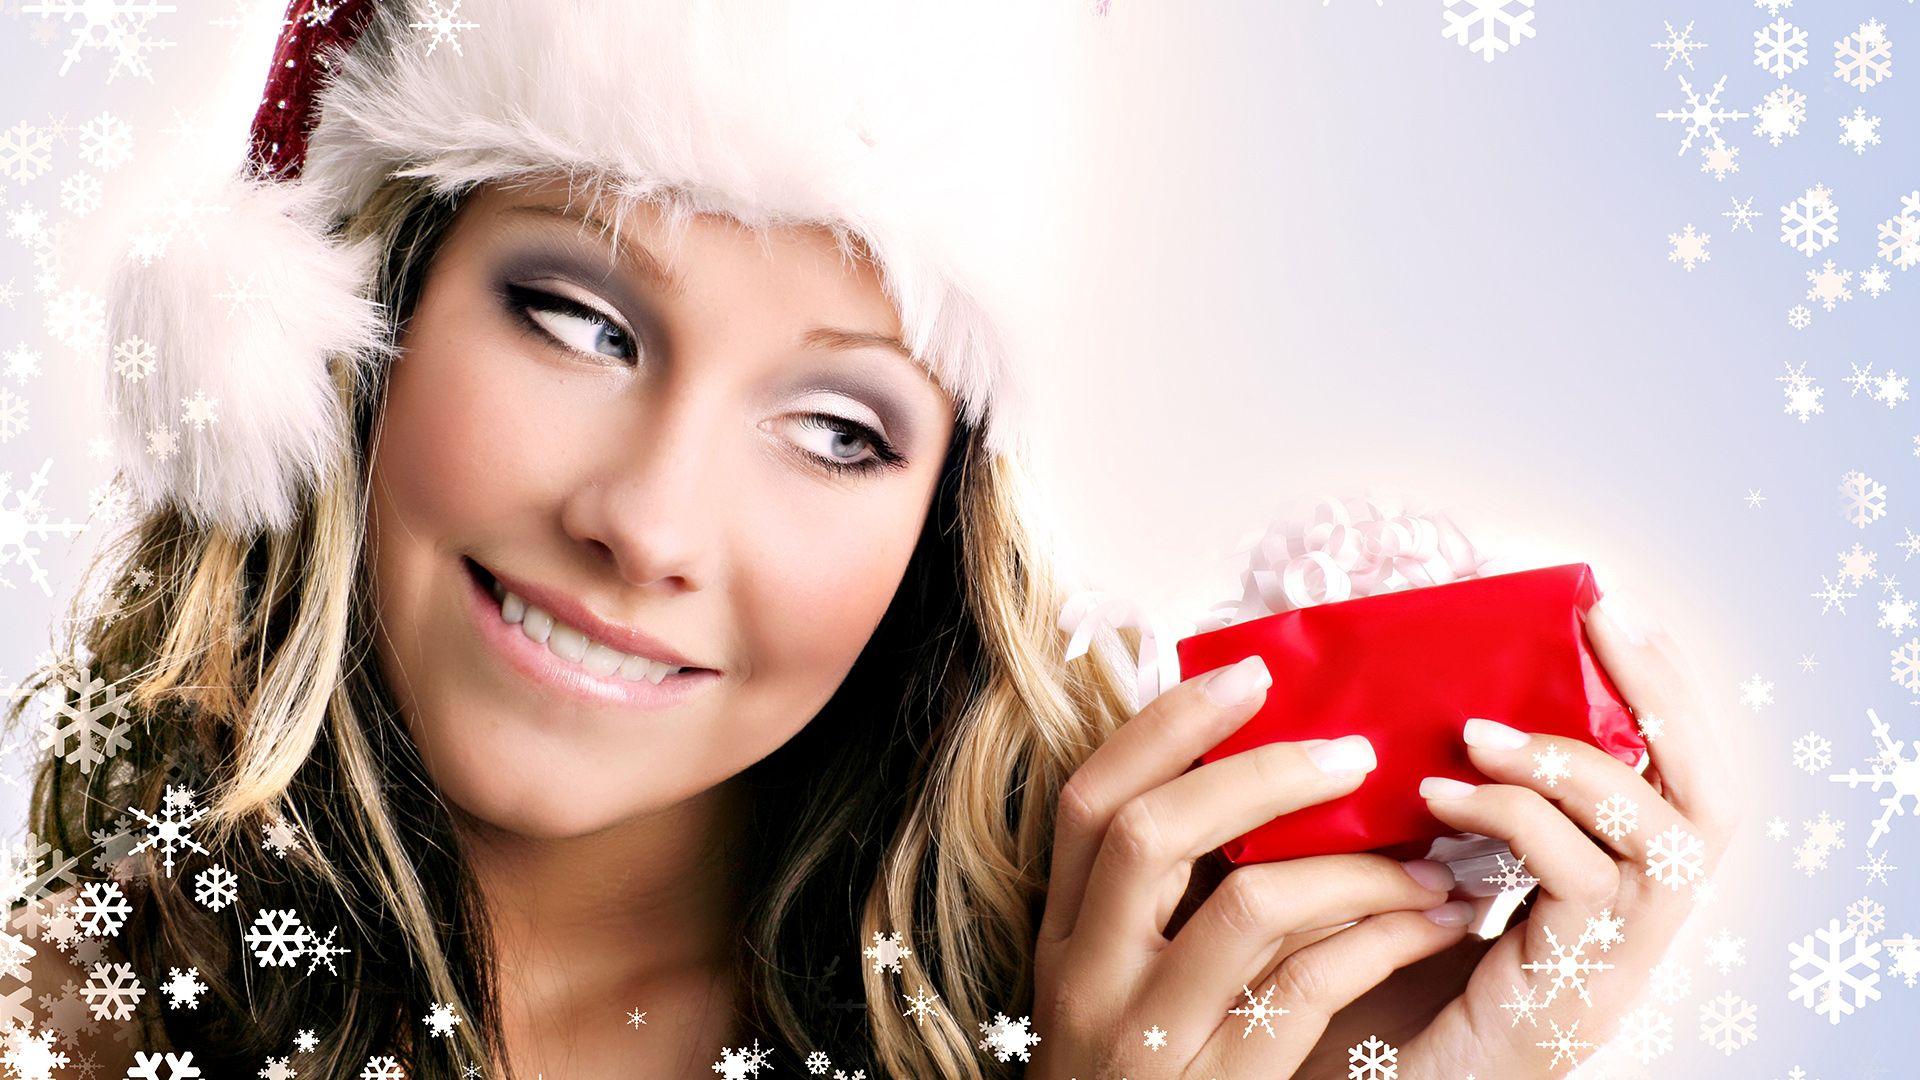 Новогодние красивые картинки - 1c